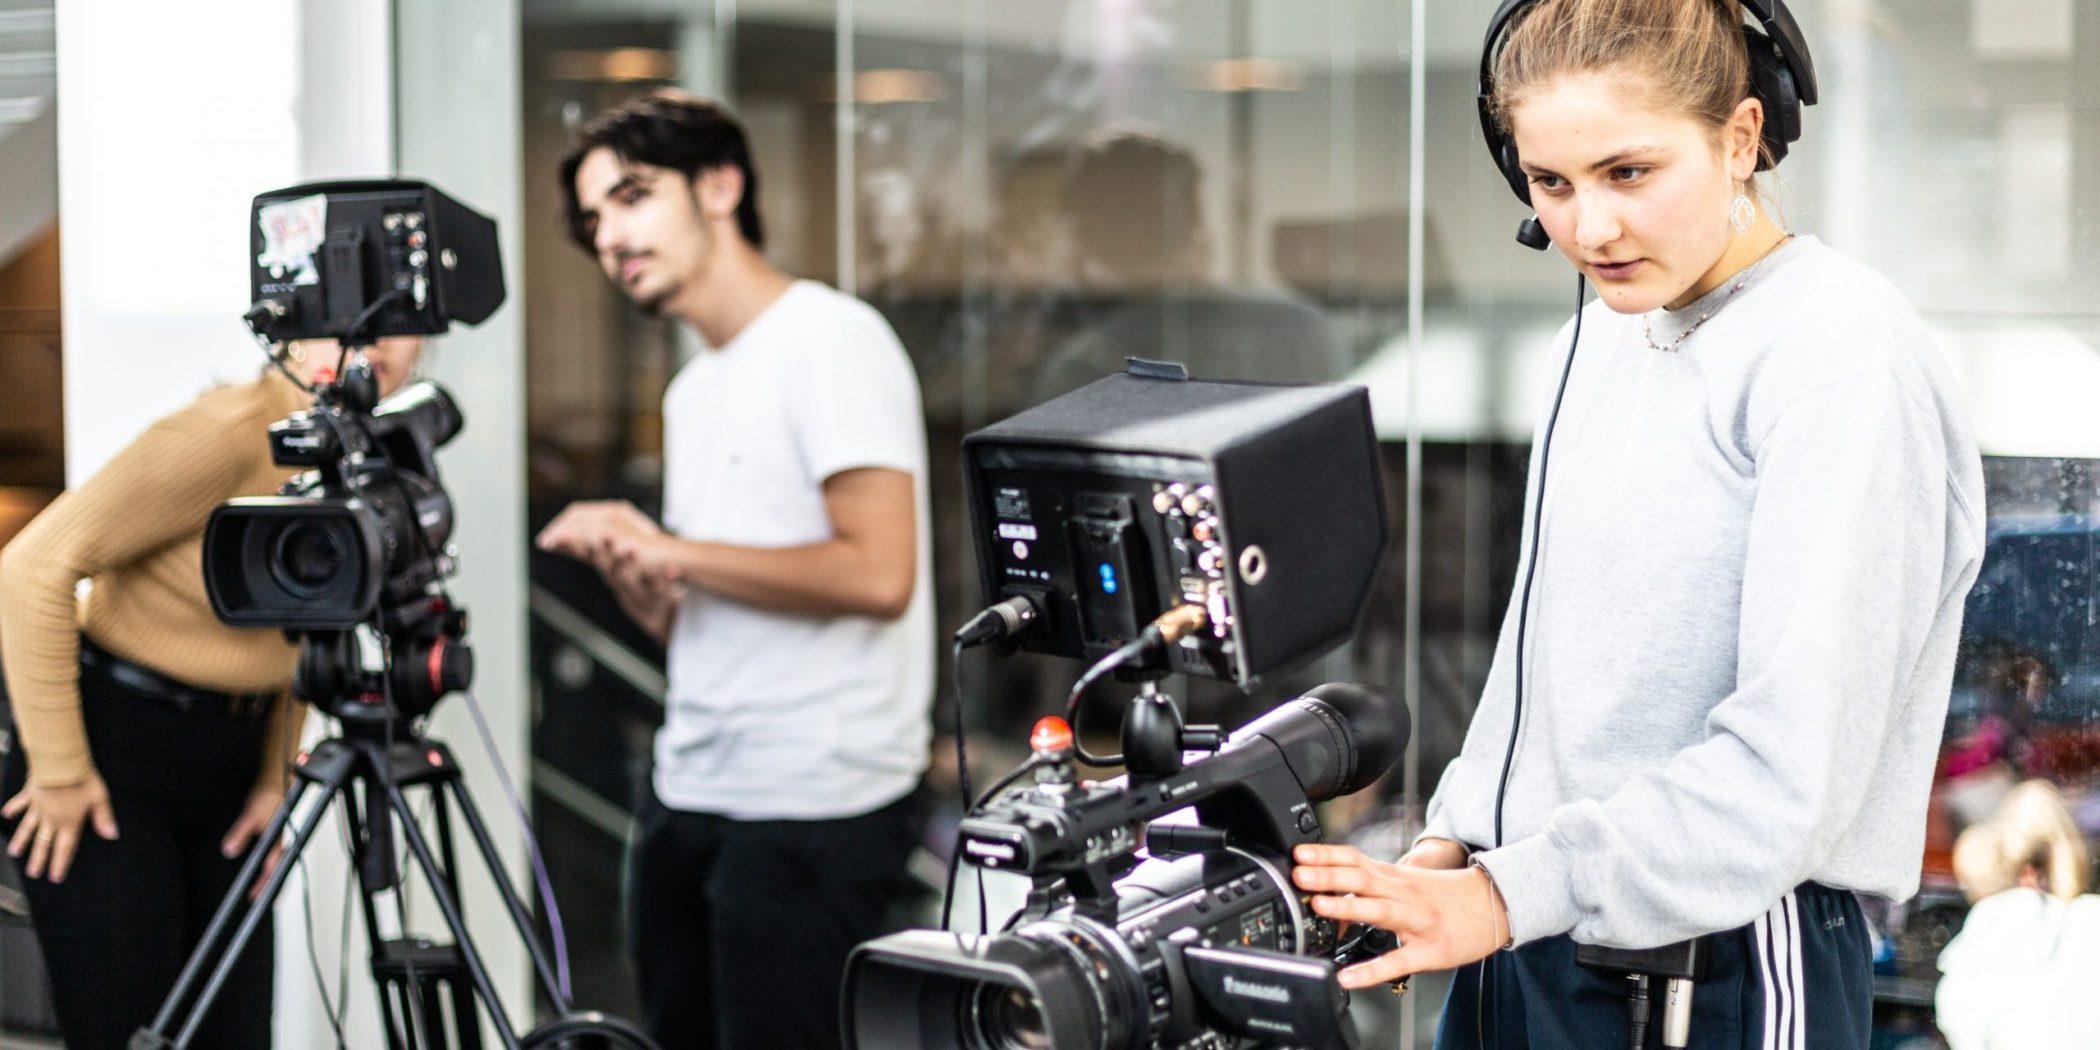 Skal du på gymnasiet? Og drømmer du om at arbejde inden for film- og mediebranchen?